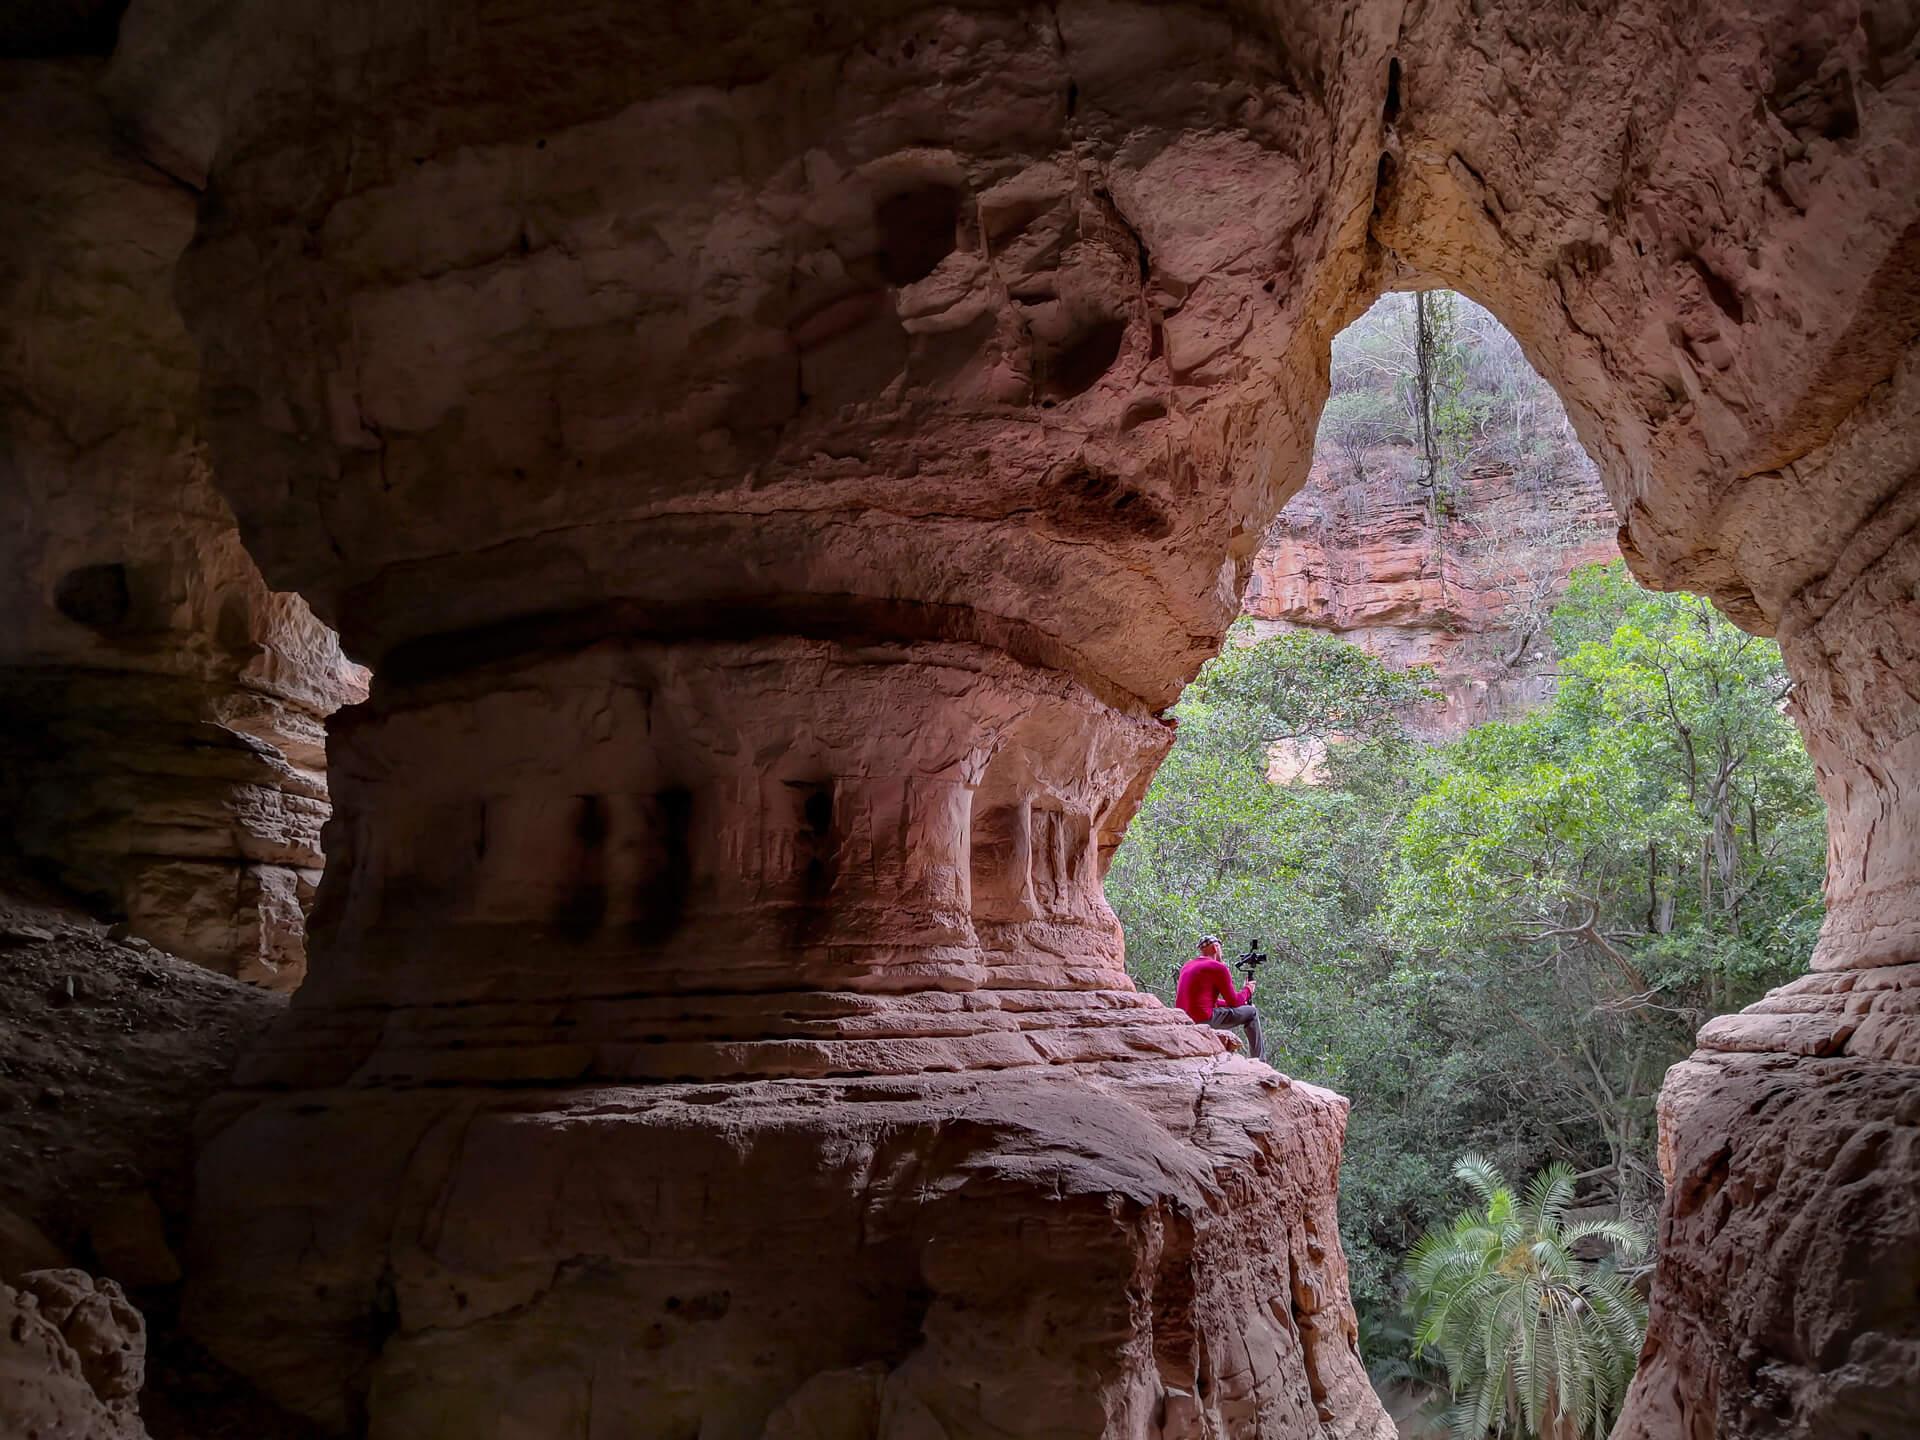 Sof Omar cave Ethiopia